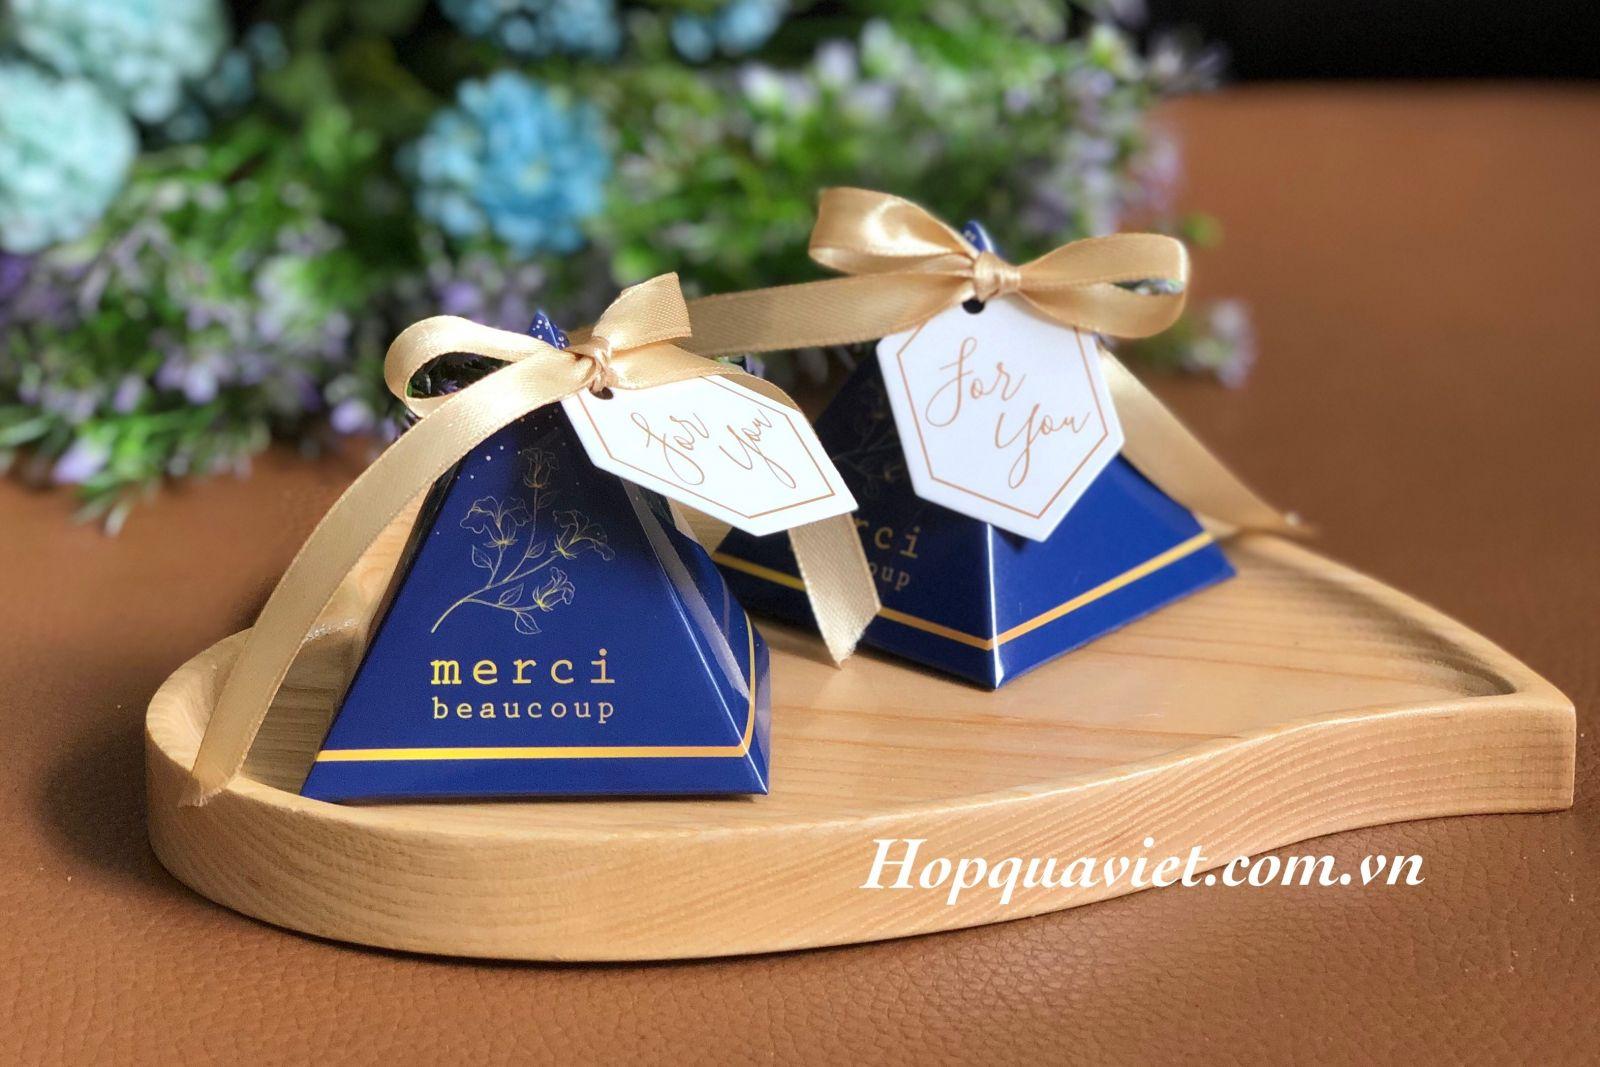 Hộp quà cưới merci 18B (kèm tag For you)